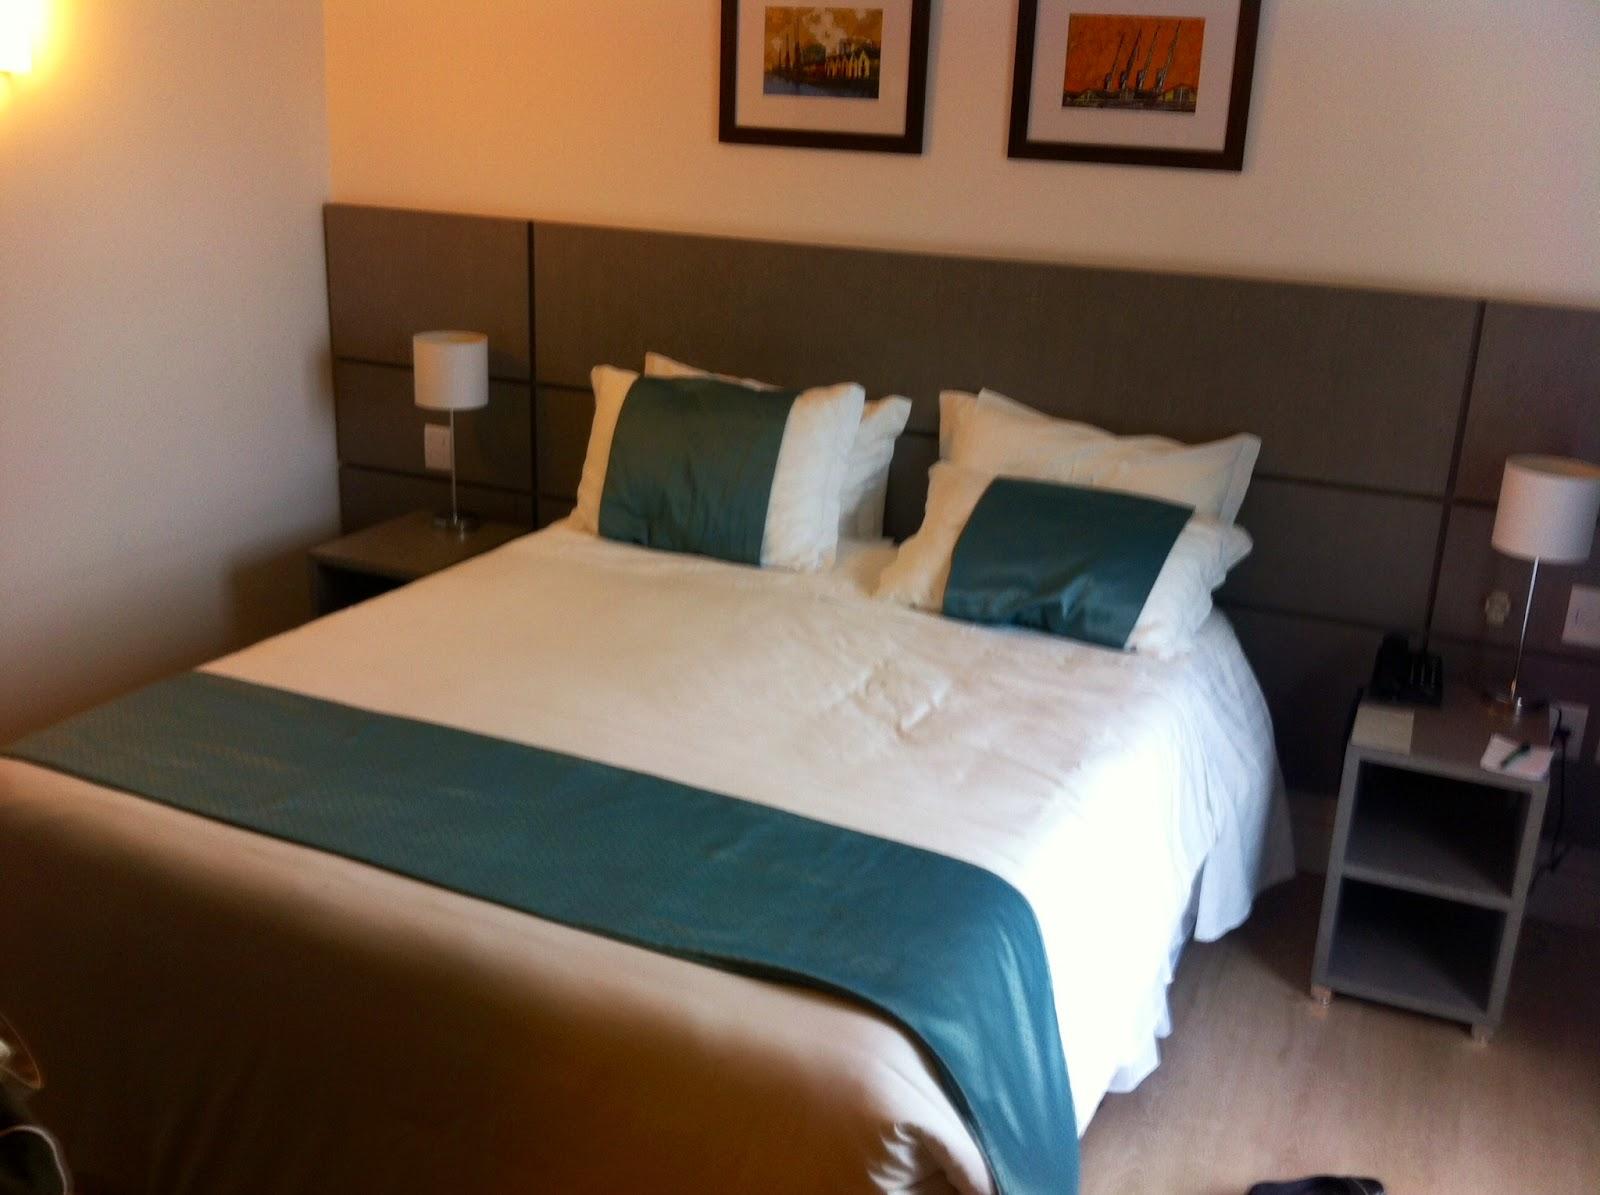 image%2B(3) - Hotel super recomendado! Laghetto Viverone Moinhos - Porto Alegre/RS